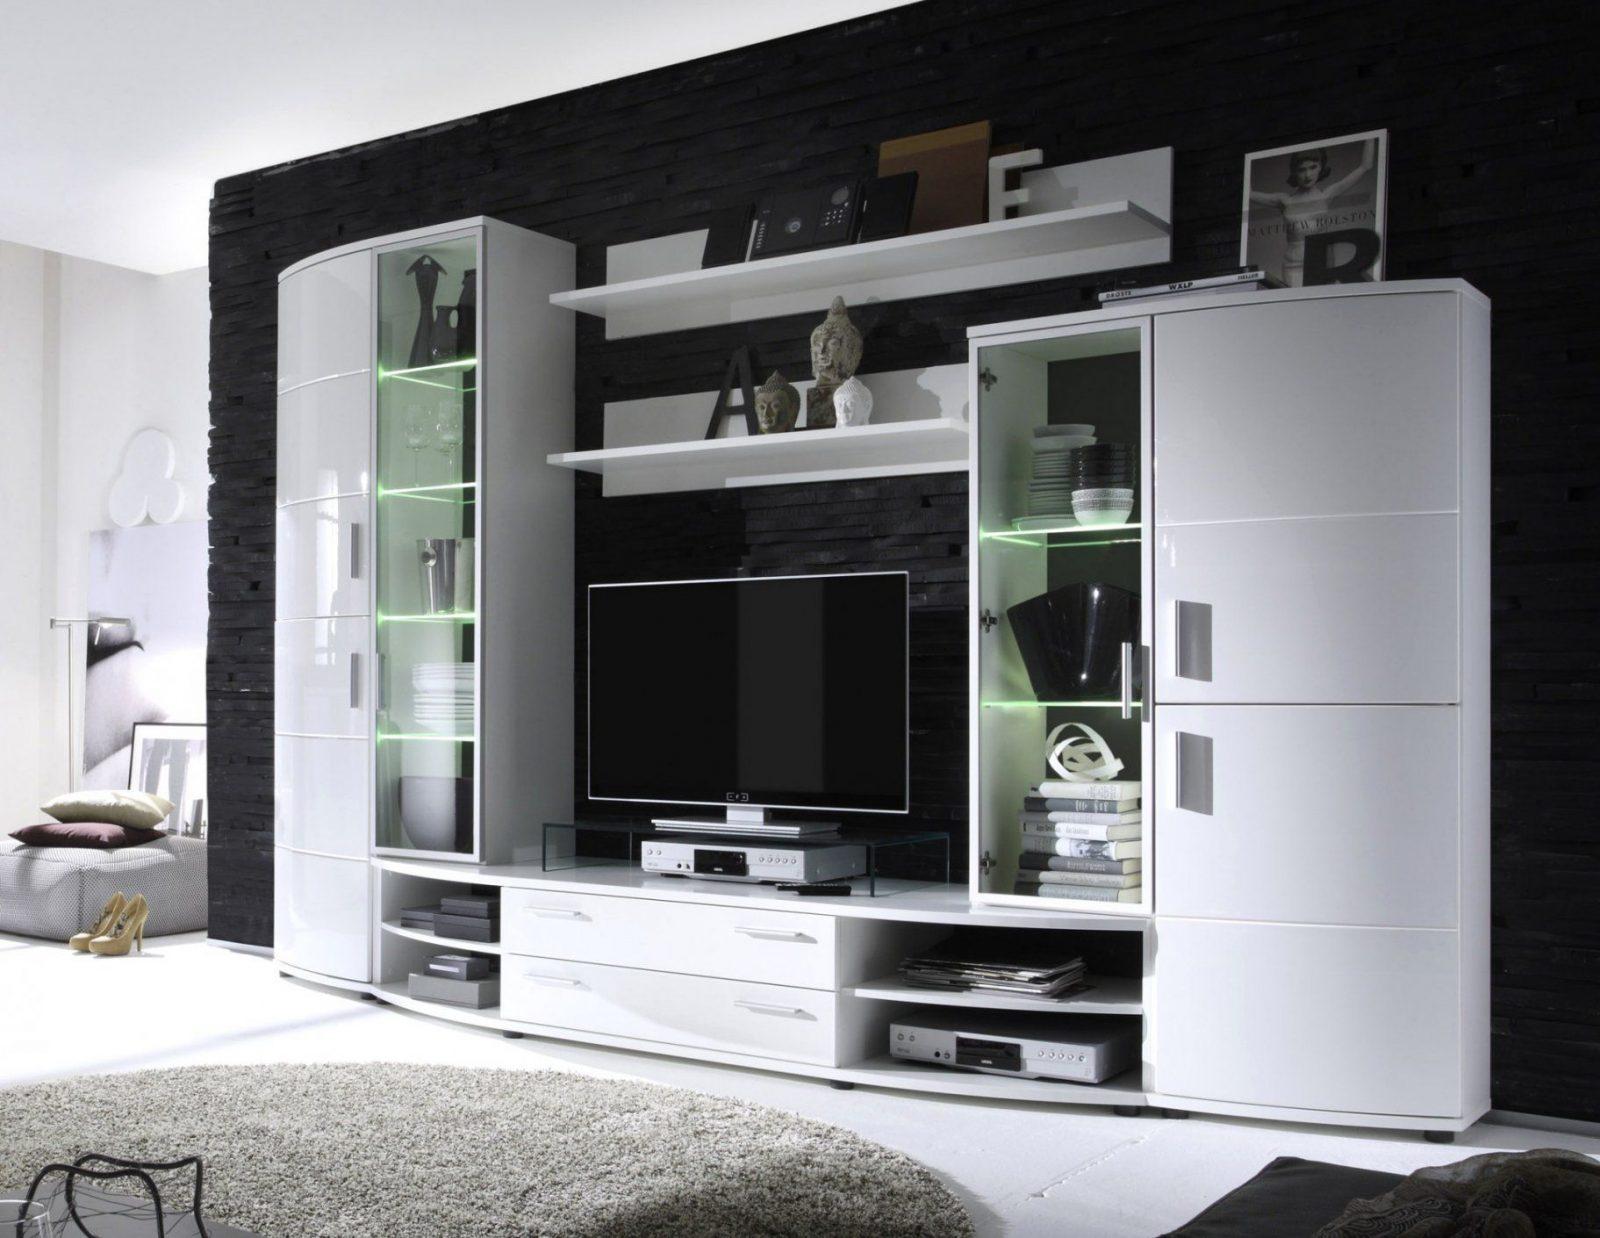 Luxuriös 43 Wohnwand Weiß Ikea Dekoration Bilder Ideen Zum Wohnwand von Ikea Wohnwand Weiß Hochglanz Bild